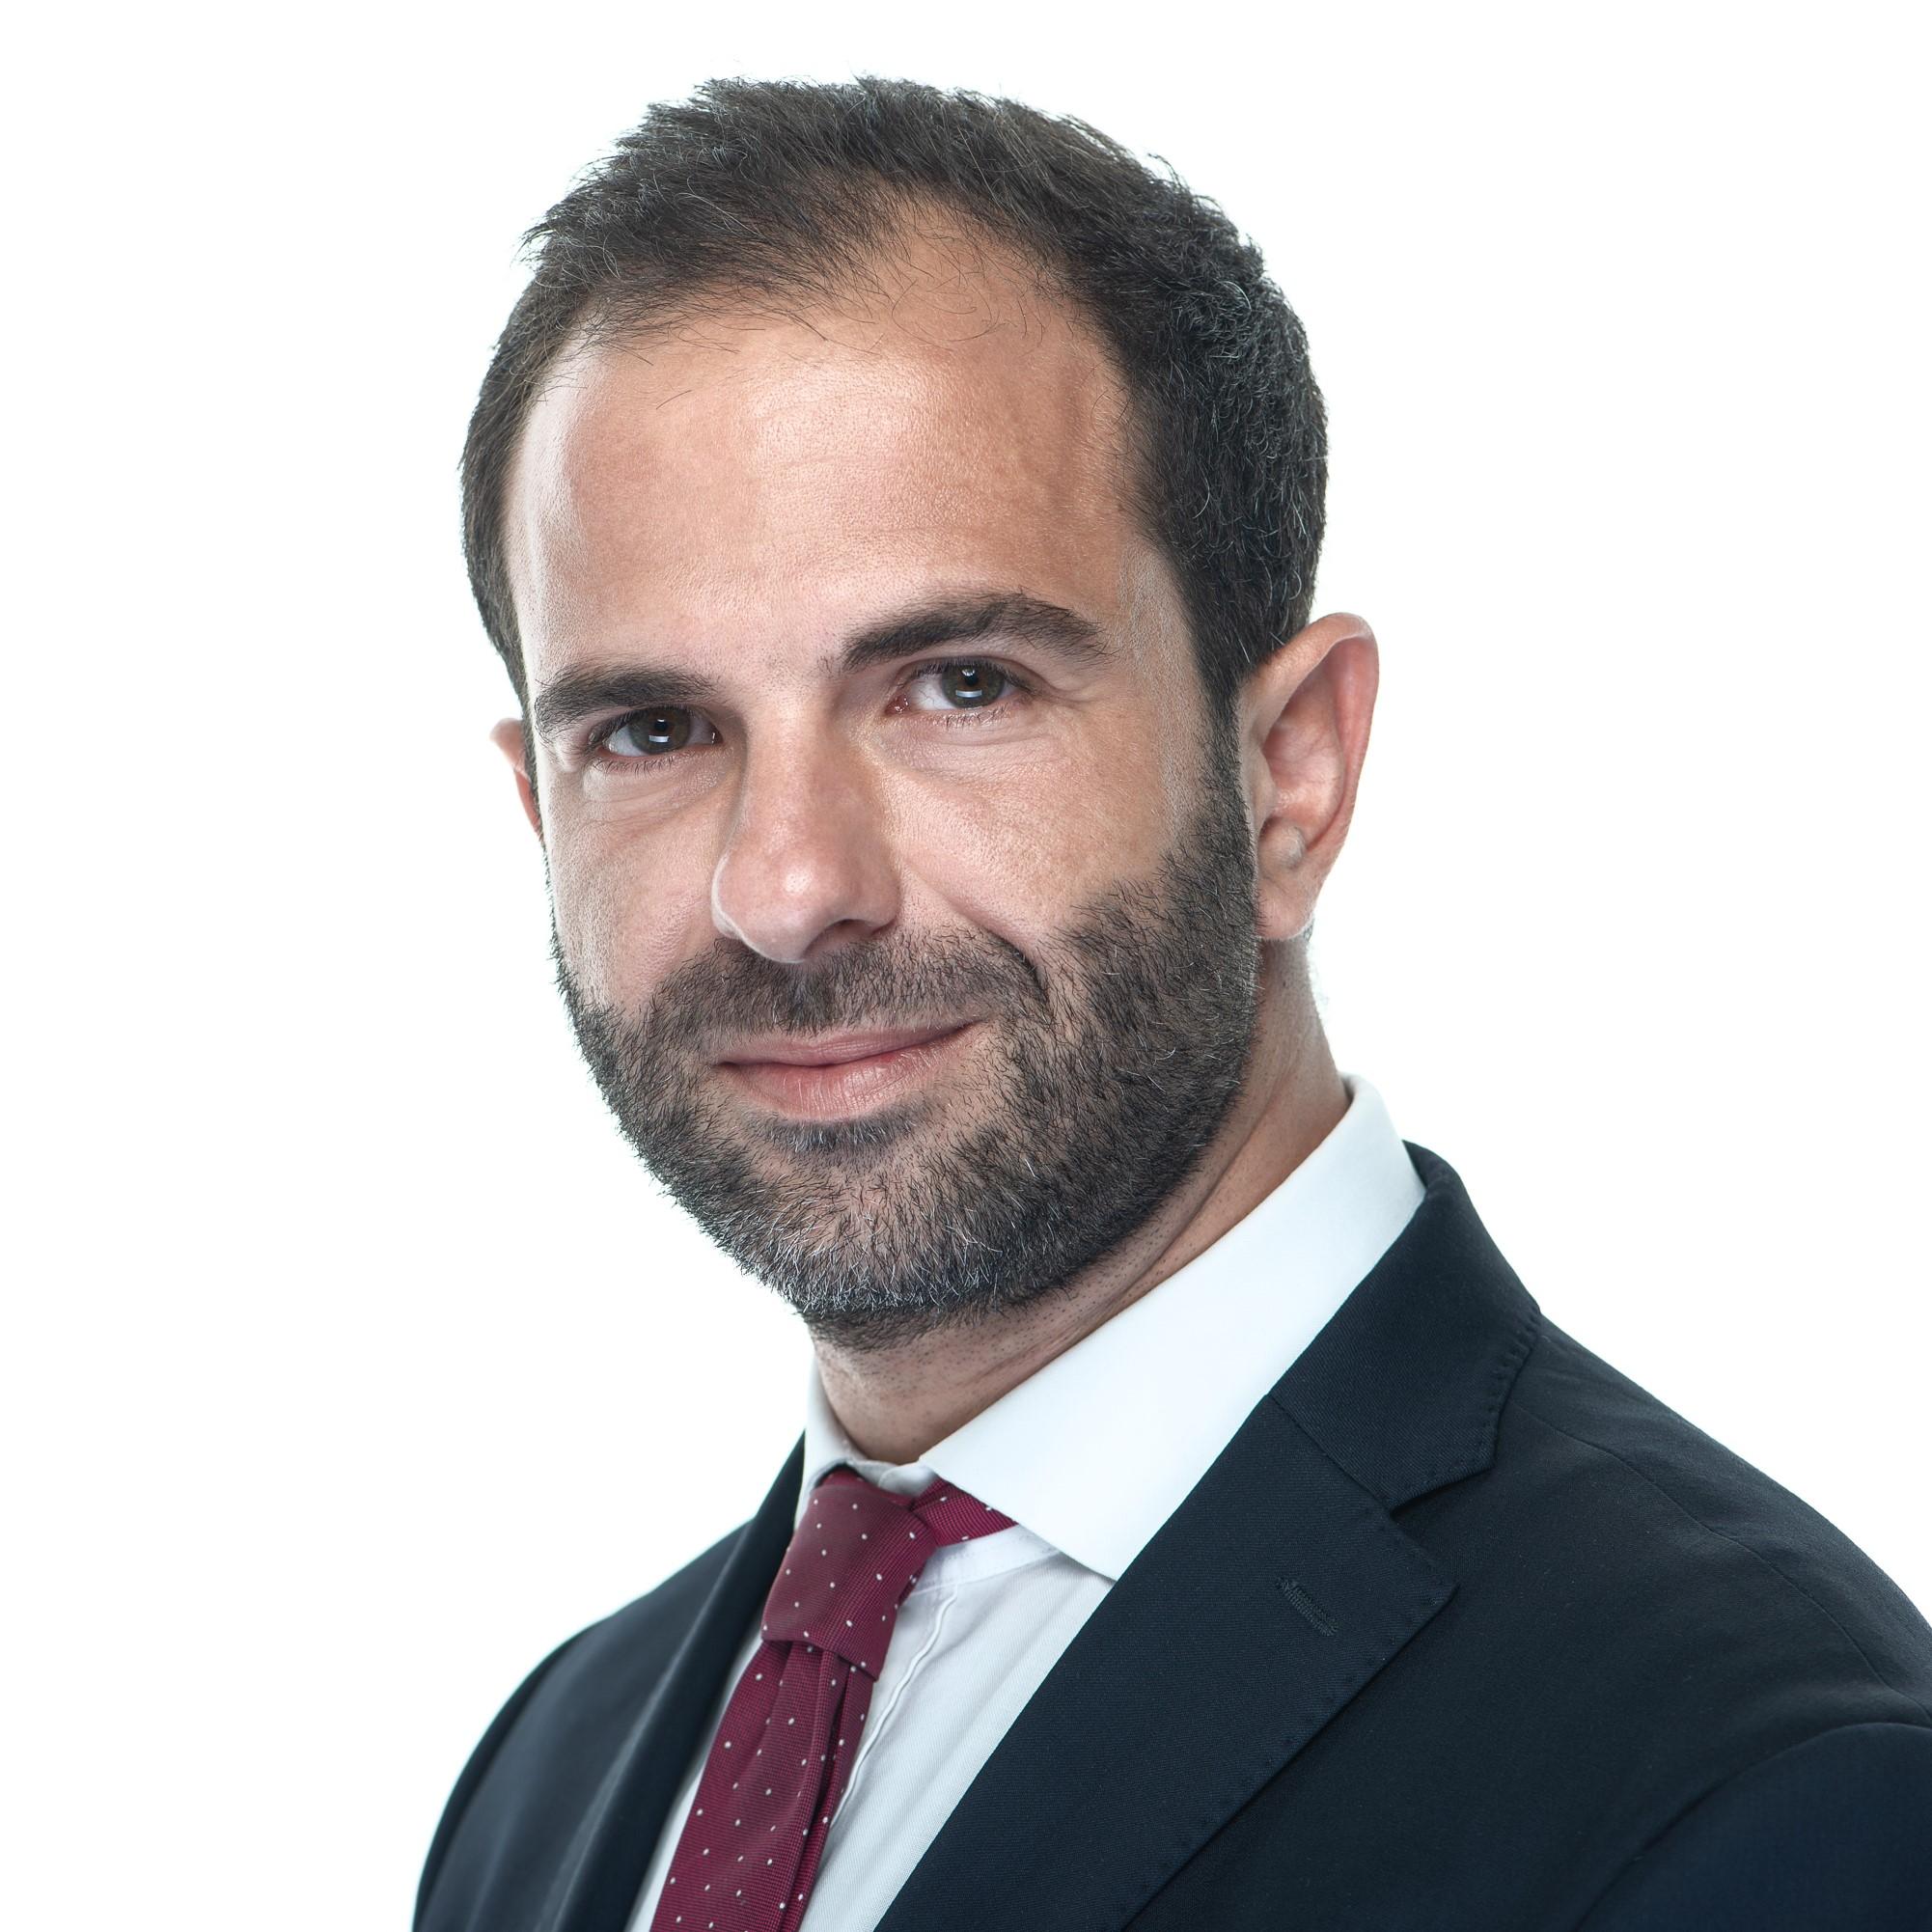 Daniele Iacona